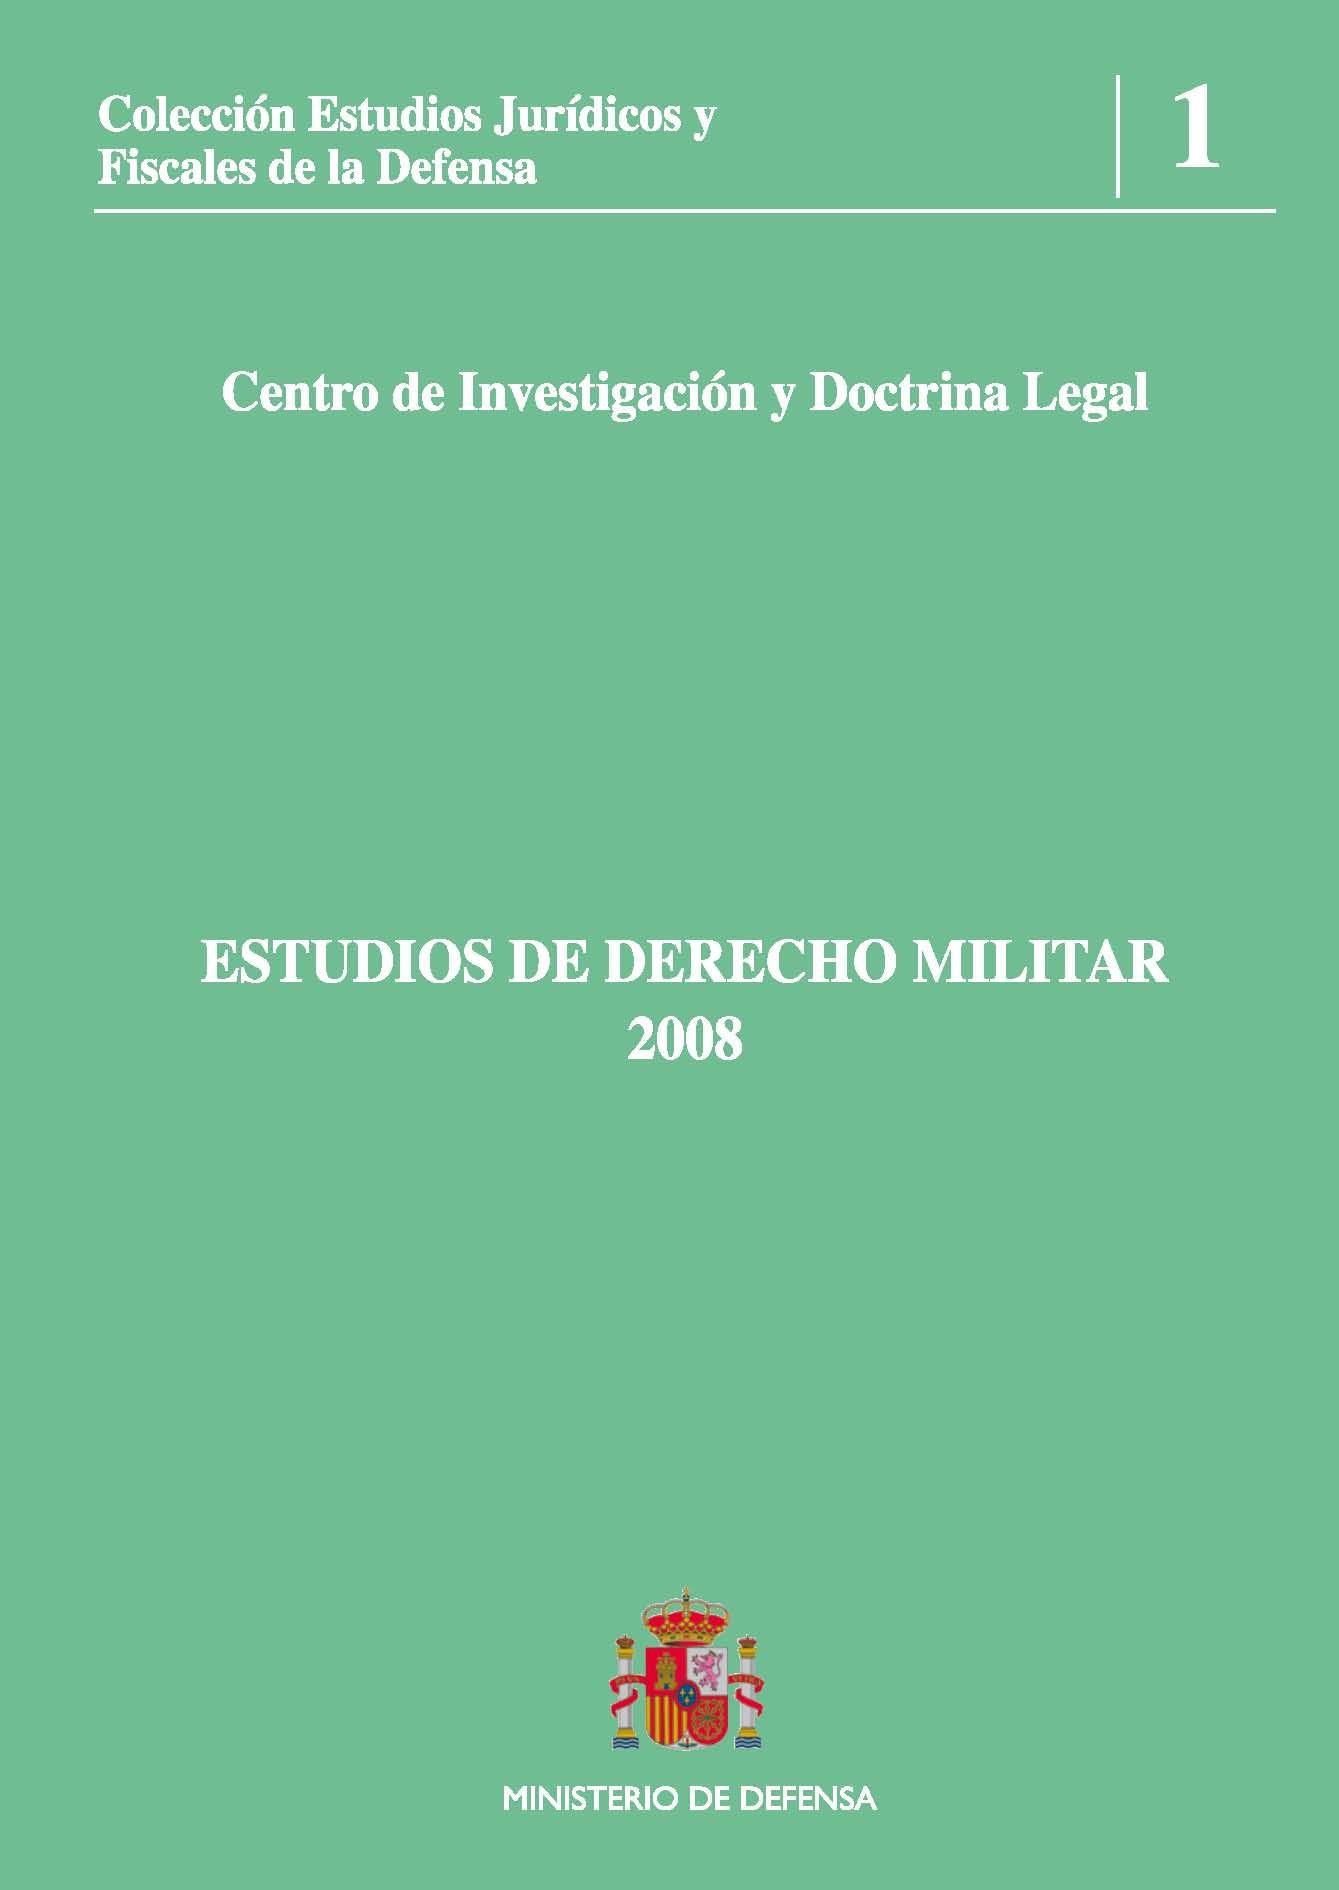 ESTUDIOS DE DERECHO MILITAR 2008